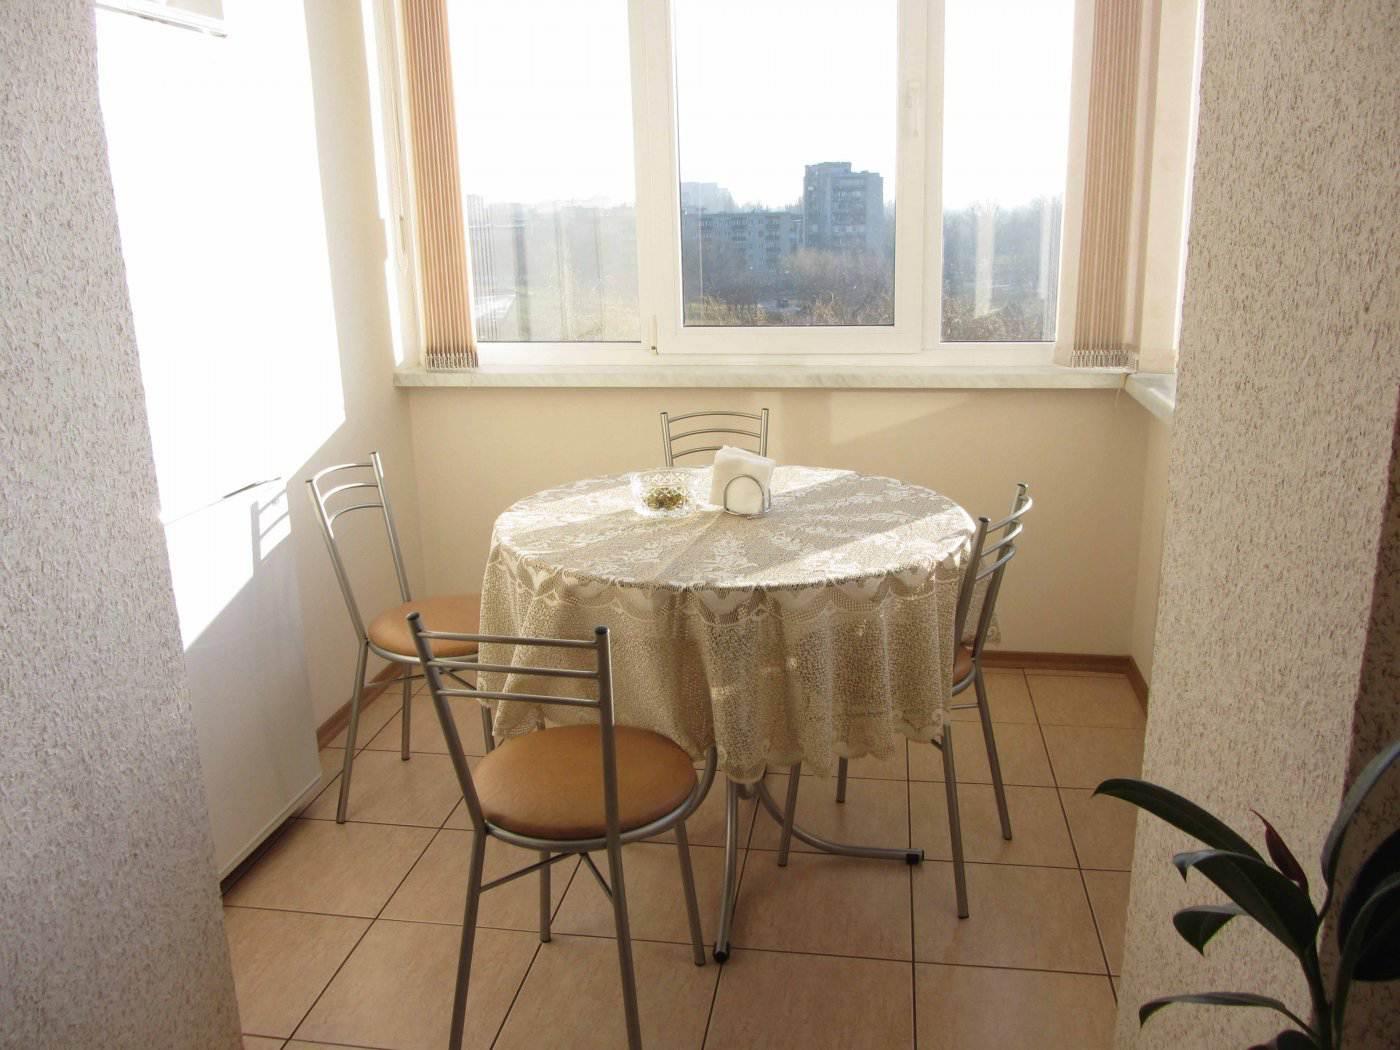 Столы для балконов и лоджий фото, видео, цены.